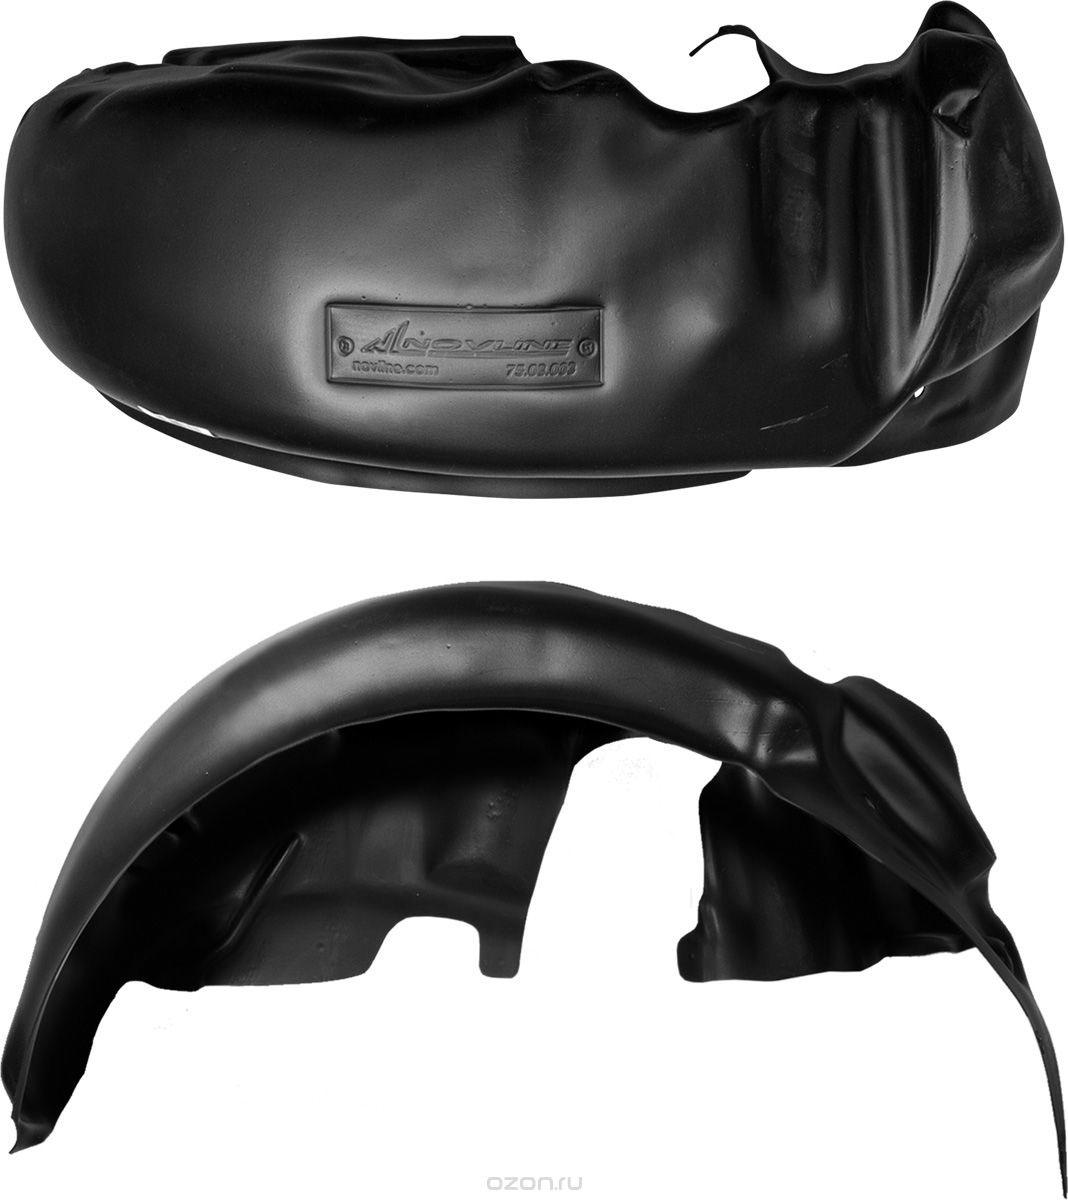 Подкрылок Novline-Autofamily, для Hyundai Solaris, 02/2017, седан, задний левыйNLL.20.48.003Идеальная защита колесной ниши. Локеры разработаны с применением цифровых технологий, гарантируют максимальную повторяемость поверхности арки. Изделия устанавливаются без нарушения лакокрасочного покрытия автомобиля, каждый подкрылок комплектуется крепежом. Уважаемые клиенты, обращаем ваше внимание, что фотографии на подкрылки универсальные и не отражают реальную форму изделия. При этом само изделие идет точно под размер указанного автомобиля.